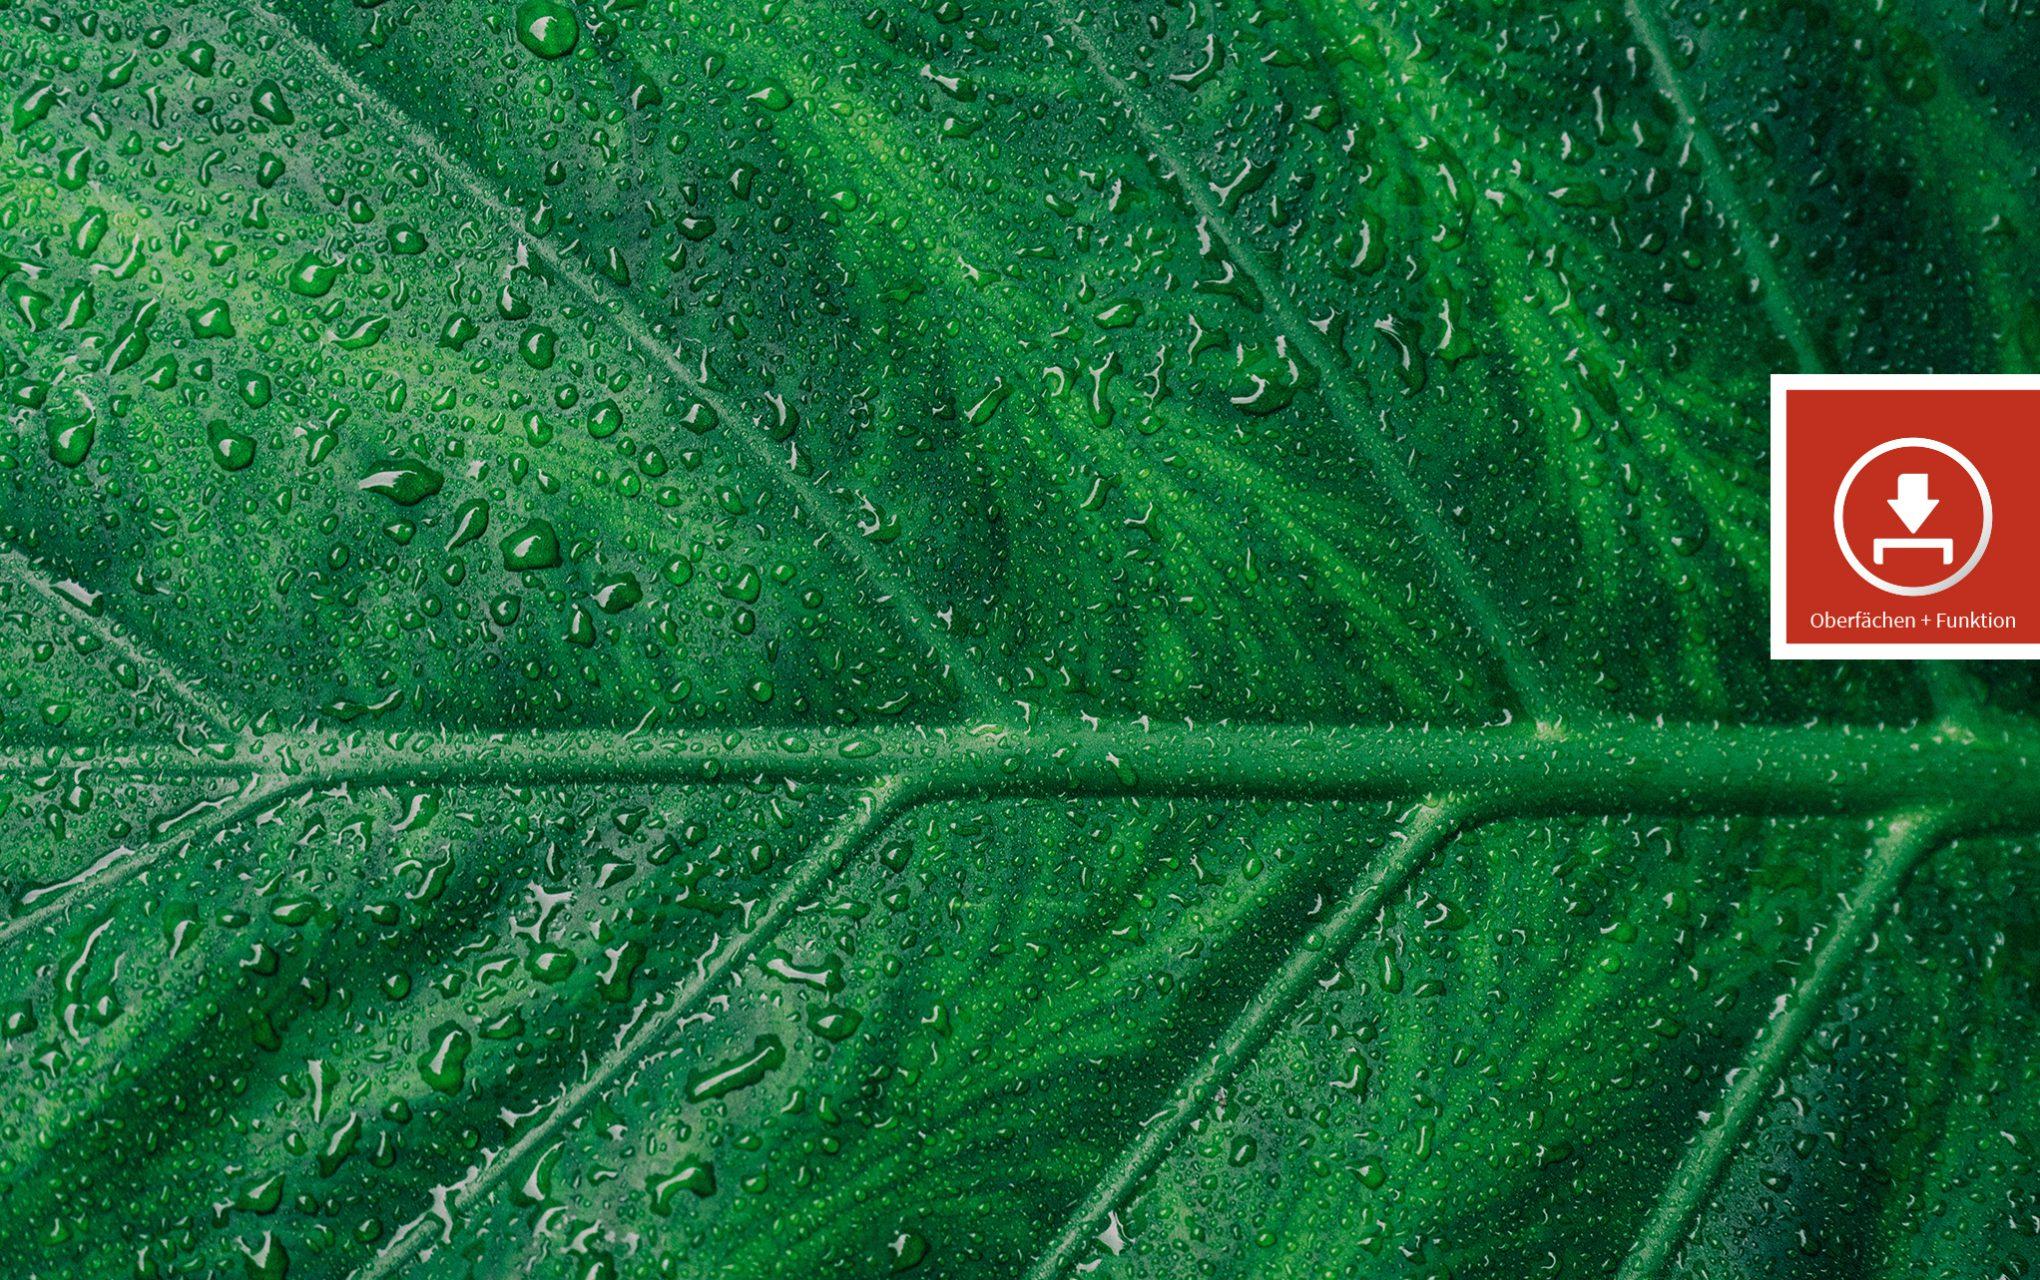 Zertifizierte Design-Oberflächen mit Haptik und Funktion